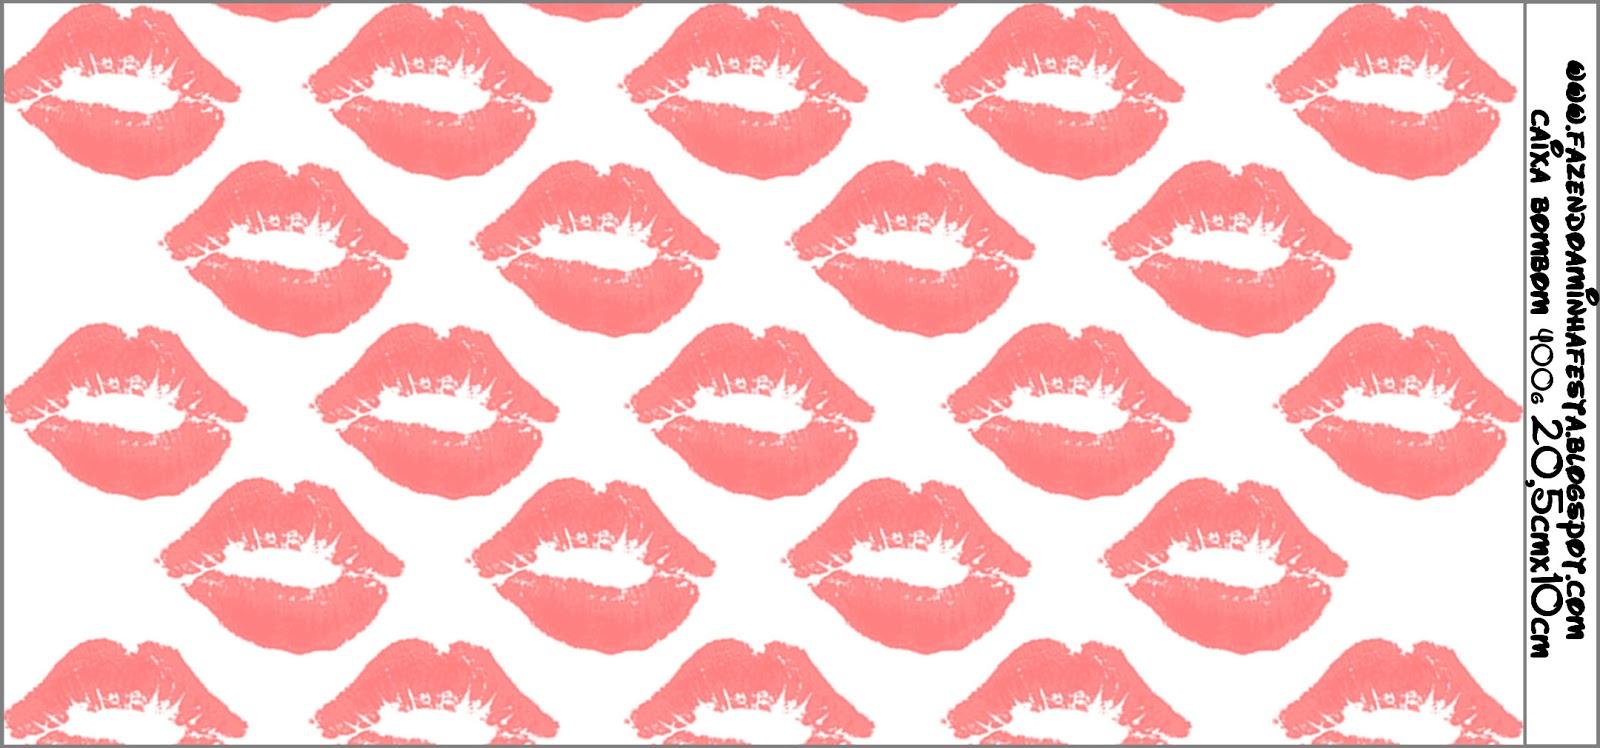 Fundo beijos kit completo com molduras para convites - Papeles para decorar ...